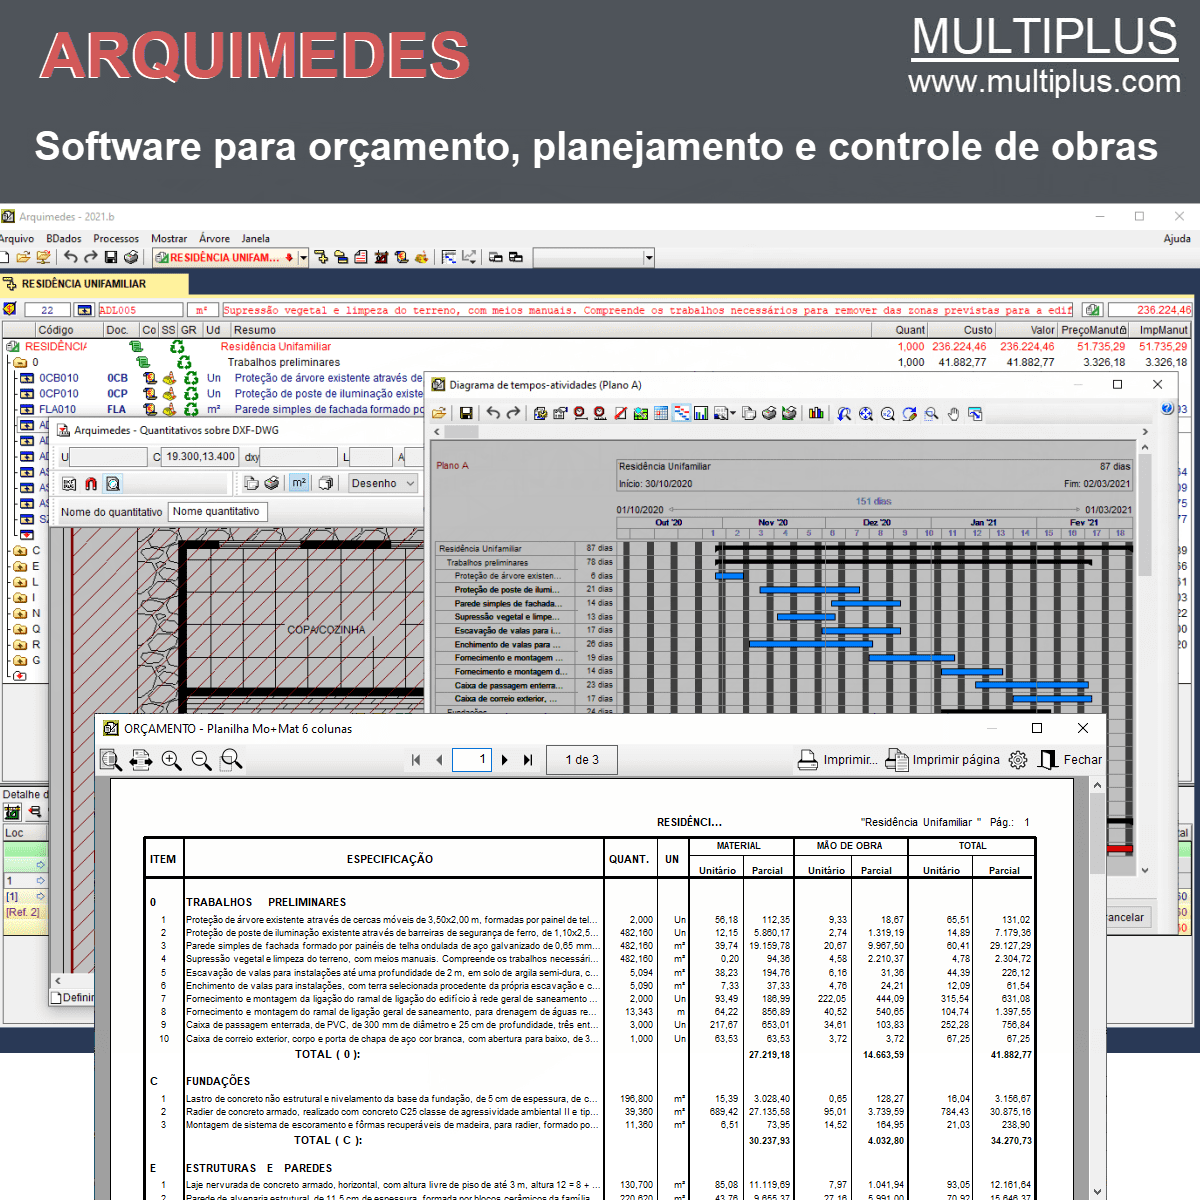 Software Arquimedes OR15 versão 2021 (Licença Eletrônica) incluindo Orçamento, Planejamento, Medição de Obras e Medição de Modelos REVIT  - MULTIPLUS SOFTWARES